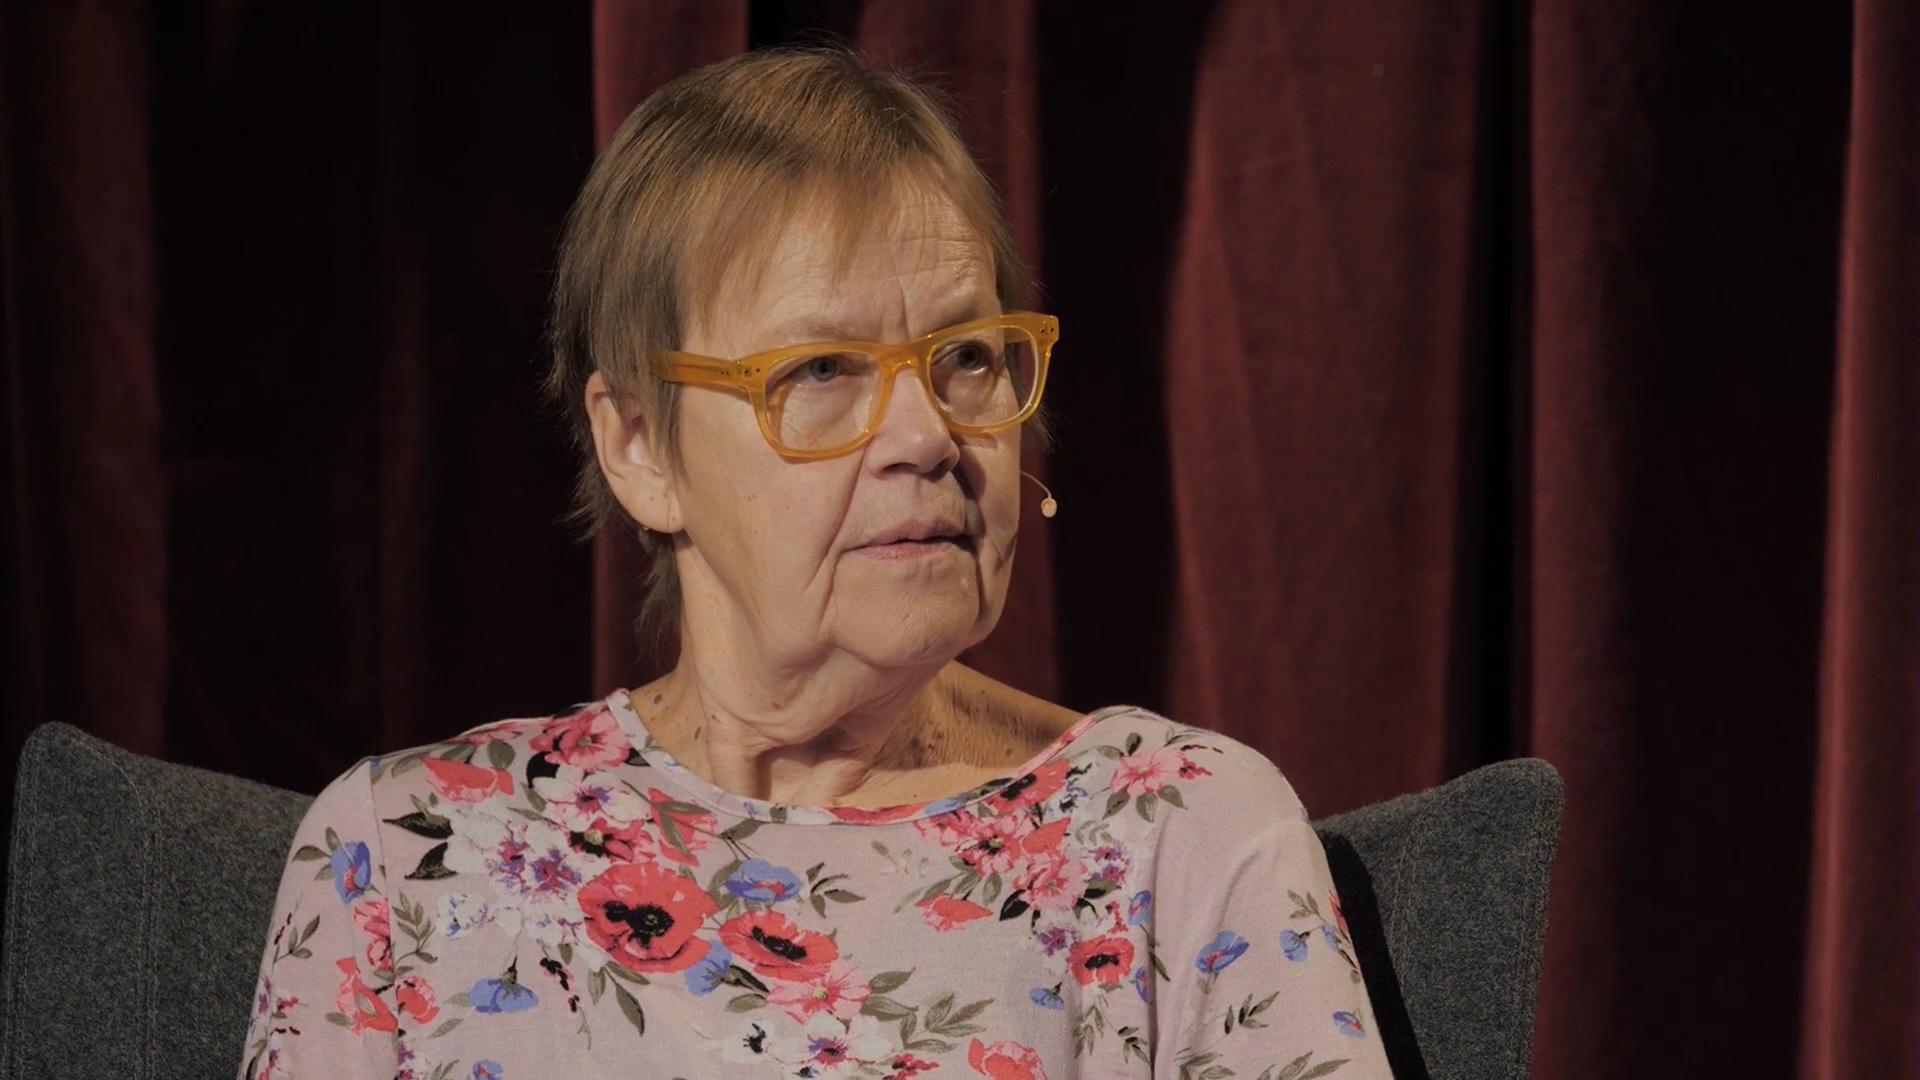 La poetisa Tua Forsström será la nueva integrante de la Academia Sueca, institución que otorga el Premio Nobel de Literatura. (Foto Prensa Libre: YouTube)